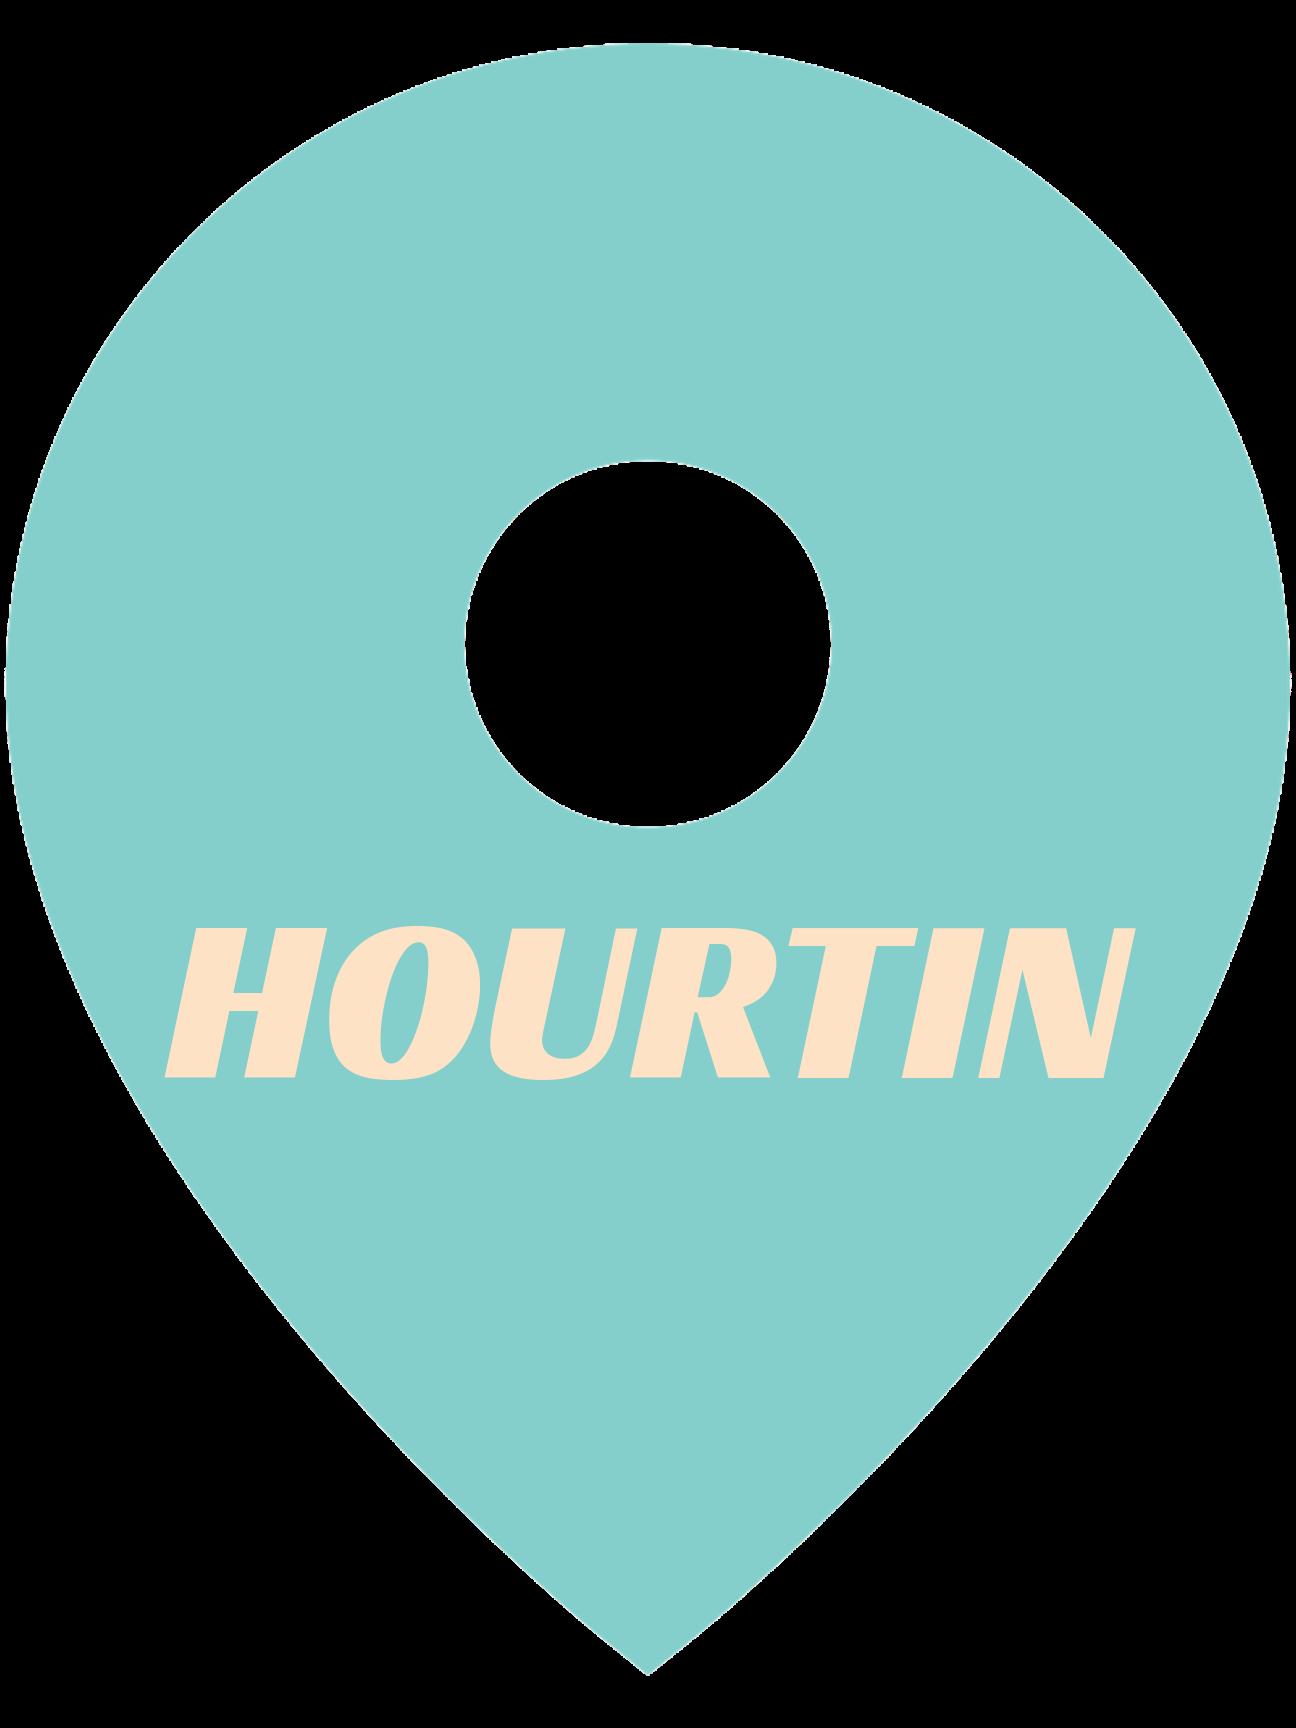 hourtin